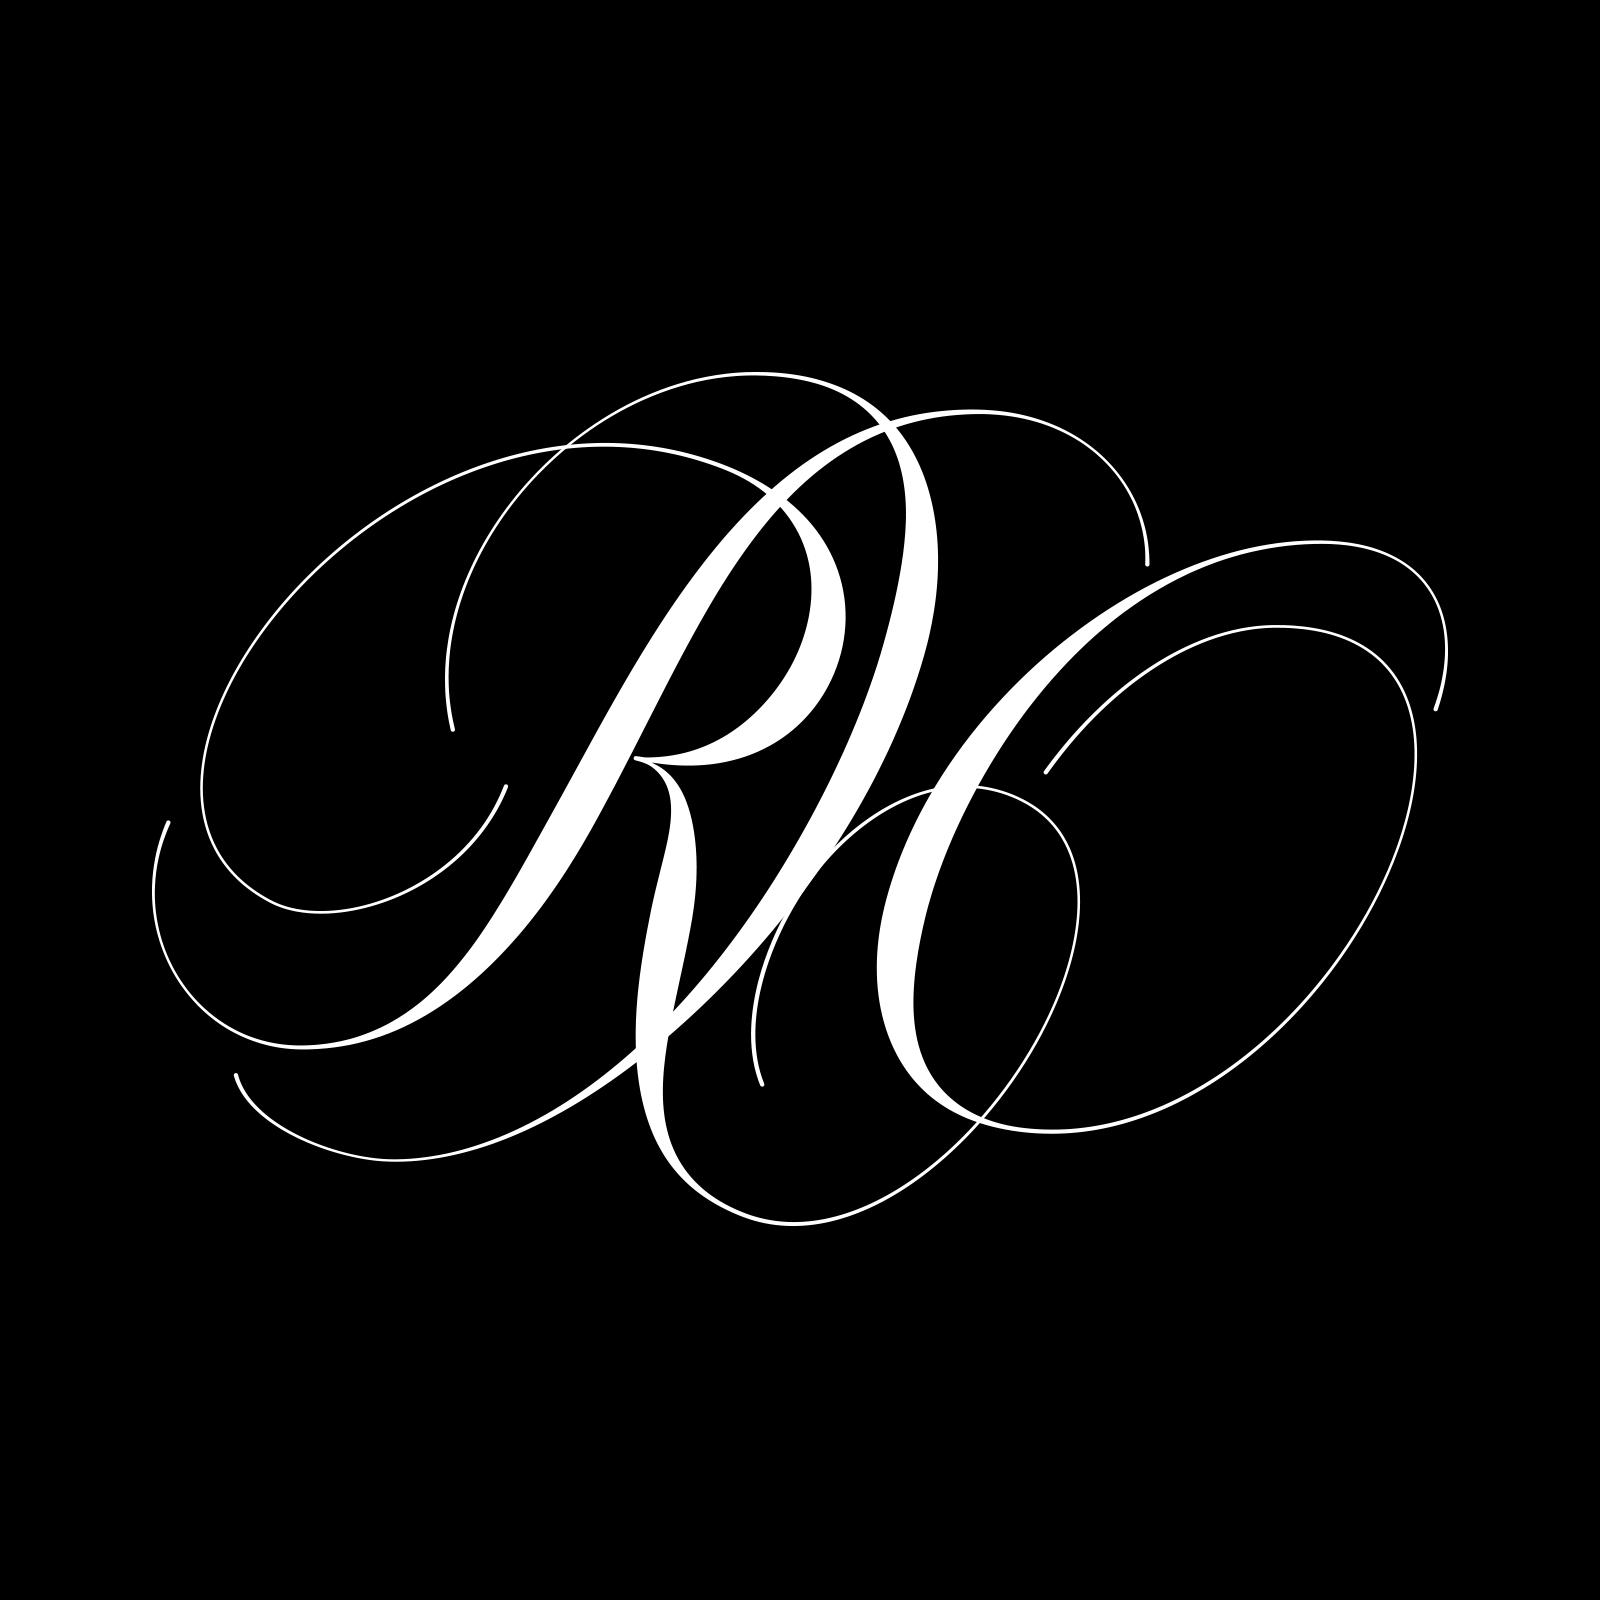 Rh white